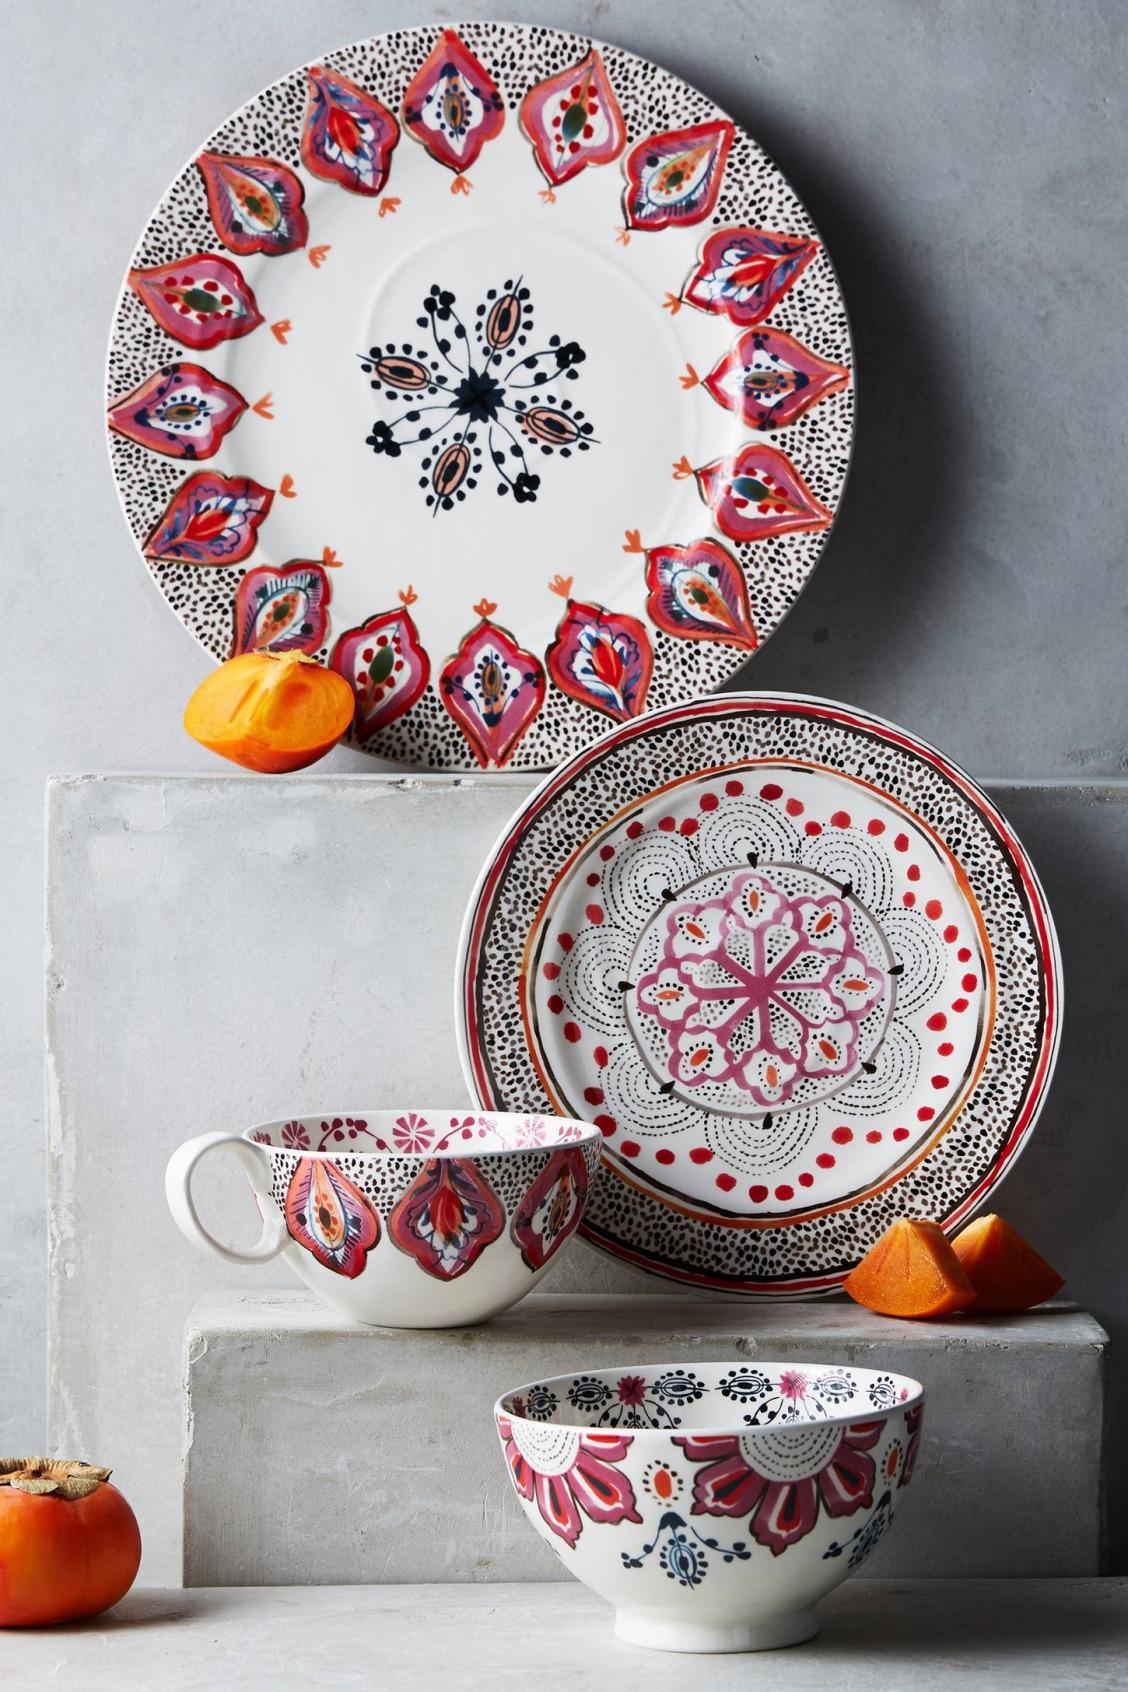 Фарфоровая посуда с росписью